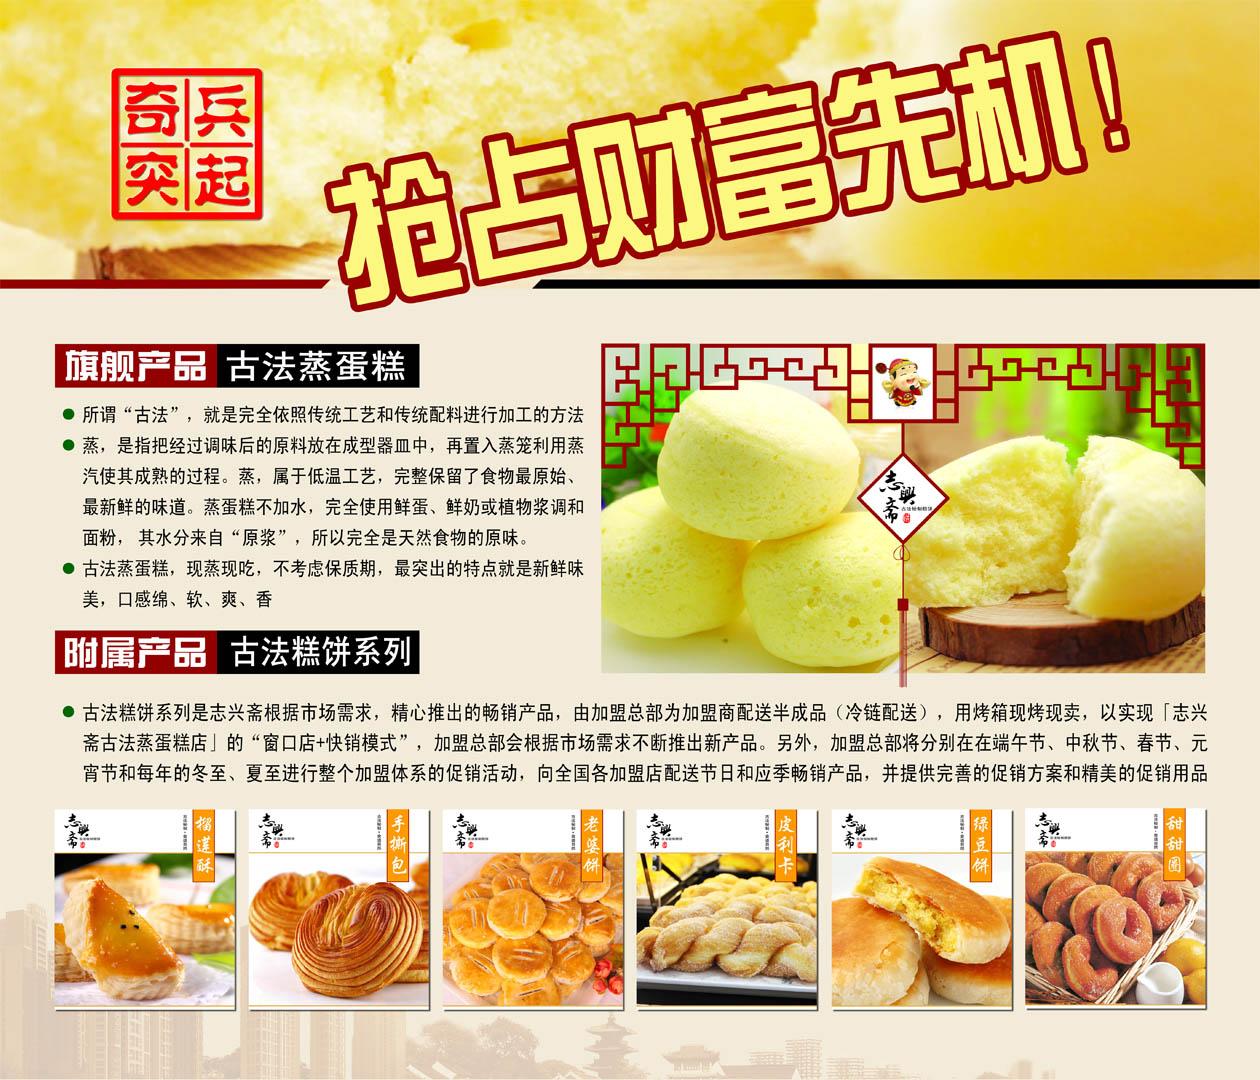 志兴斋蒸蛋糕加盟